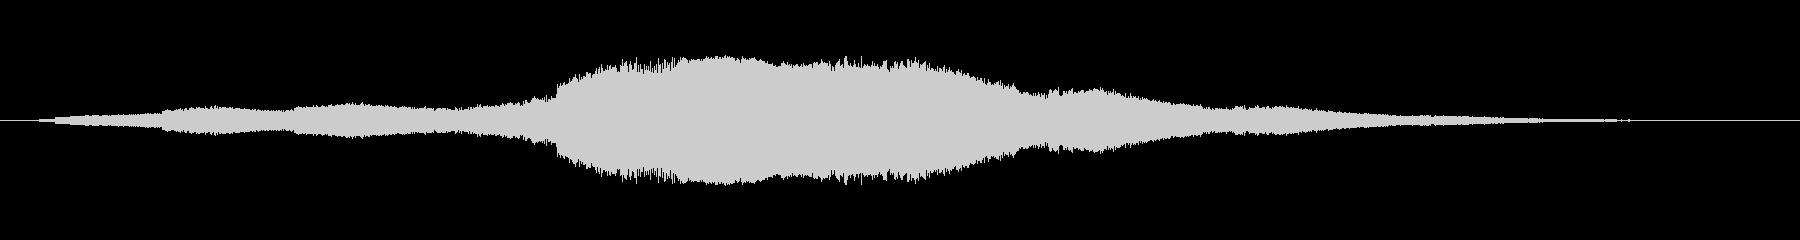 コンピュータルームスイープアクセントの未再生の波形